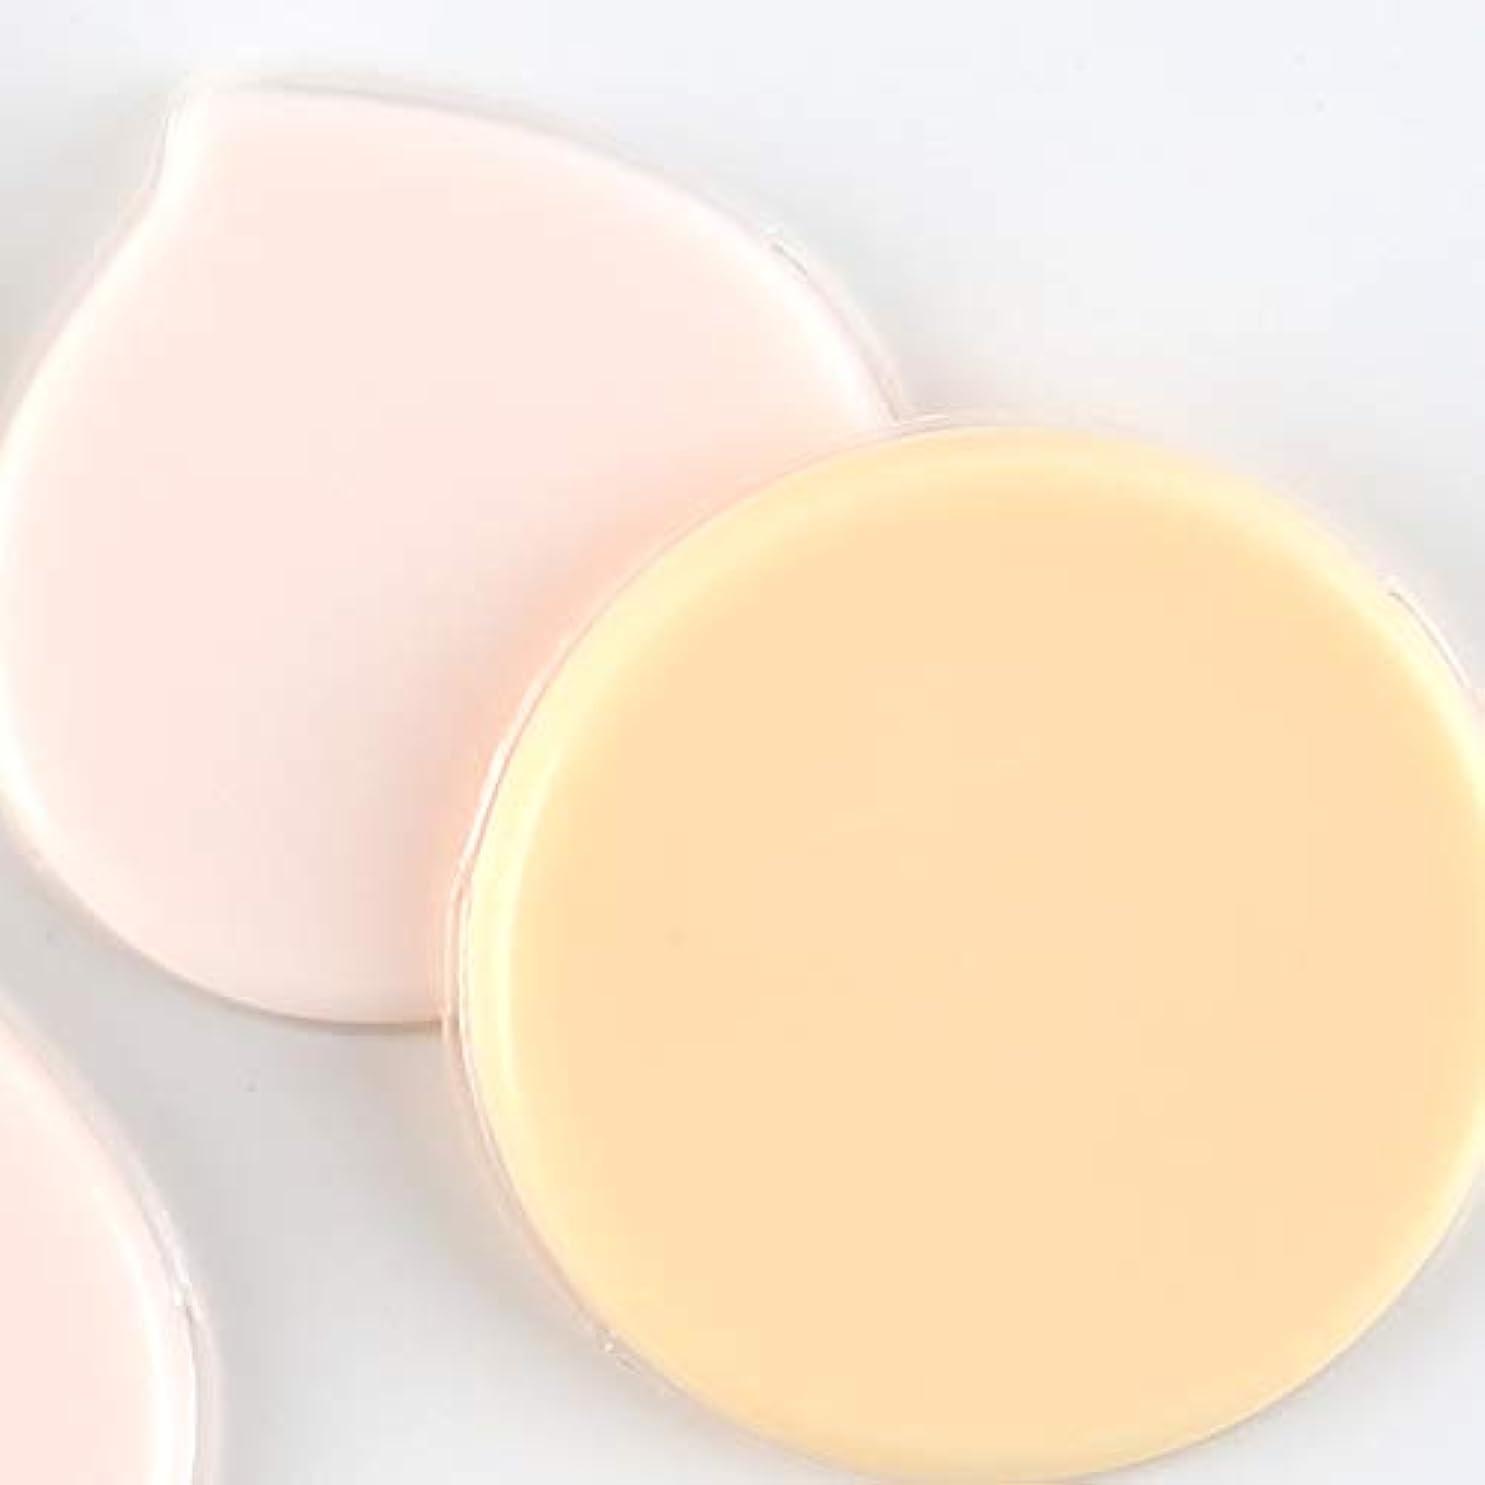 航空後ハンディマイクロセルパフ Jelly farm+ ムラ付かない均等な仕上がりの経済的で衛生的な新感覚パフ (オレンジ)